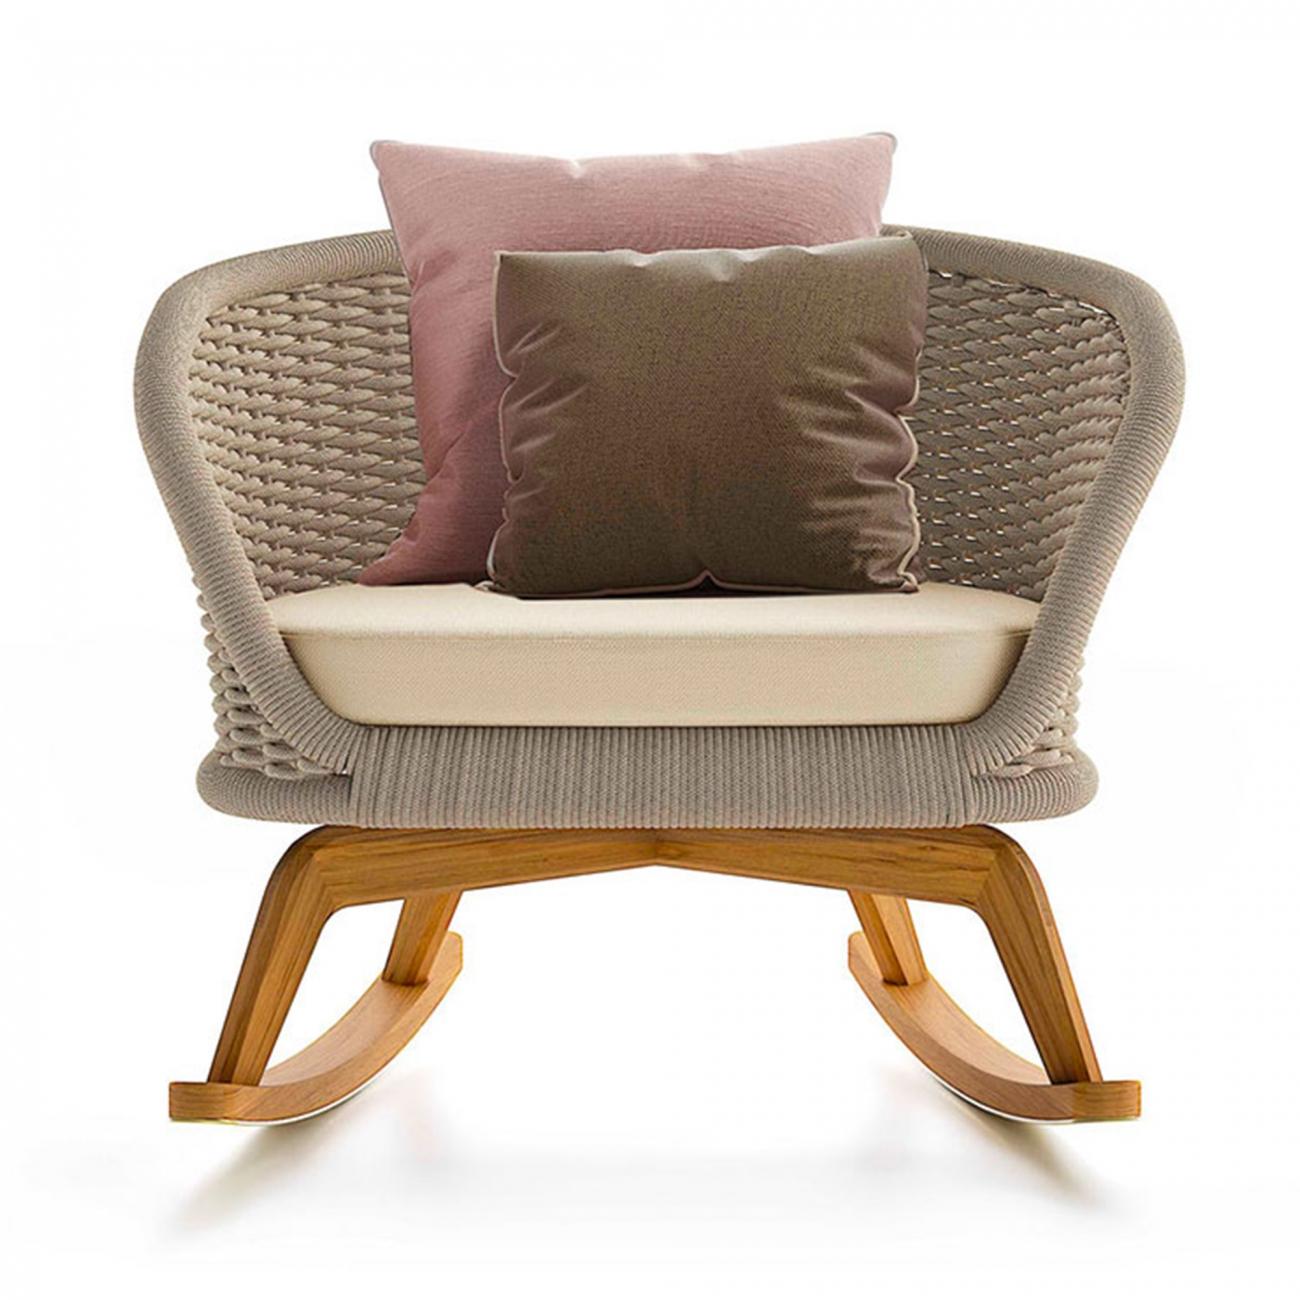 Atmosphera Ludo Rocking Chair